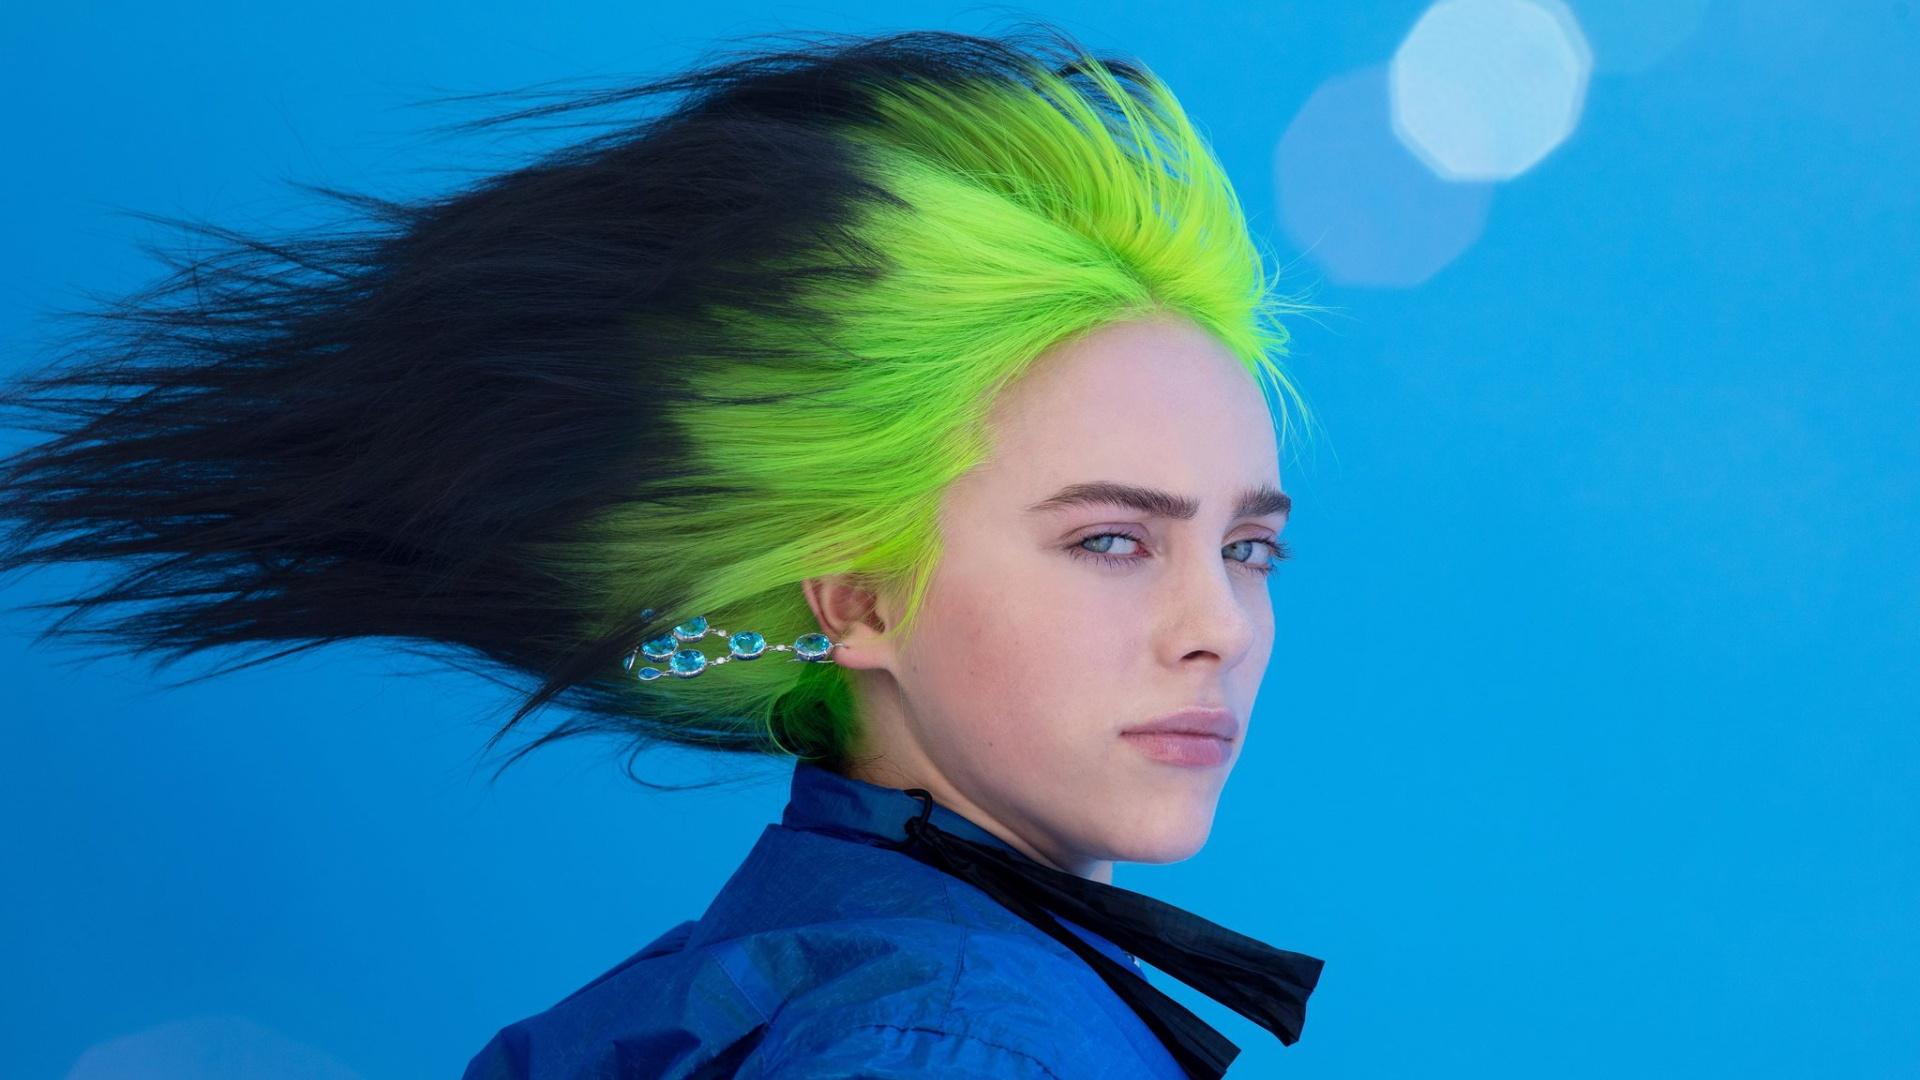 Billie Eilish cool background